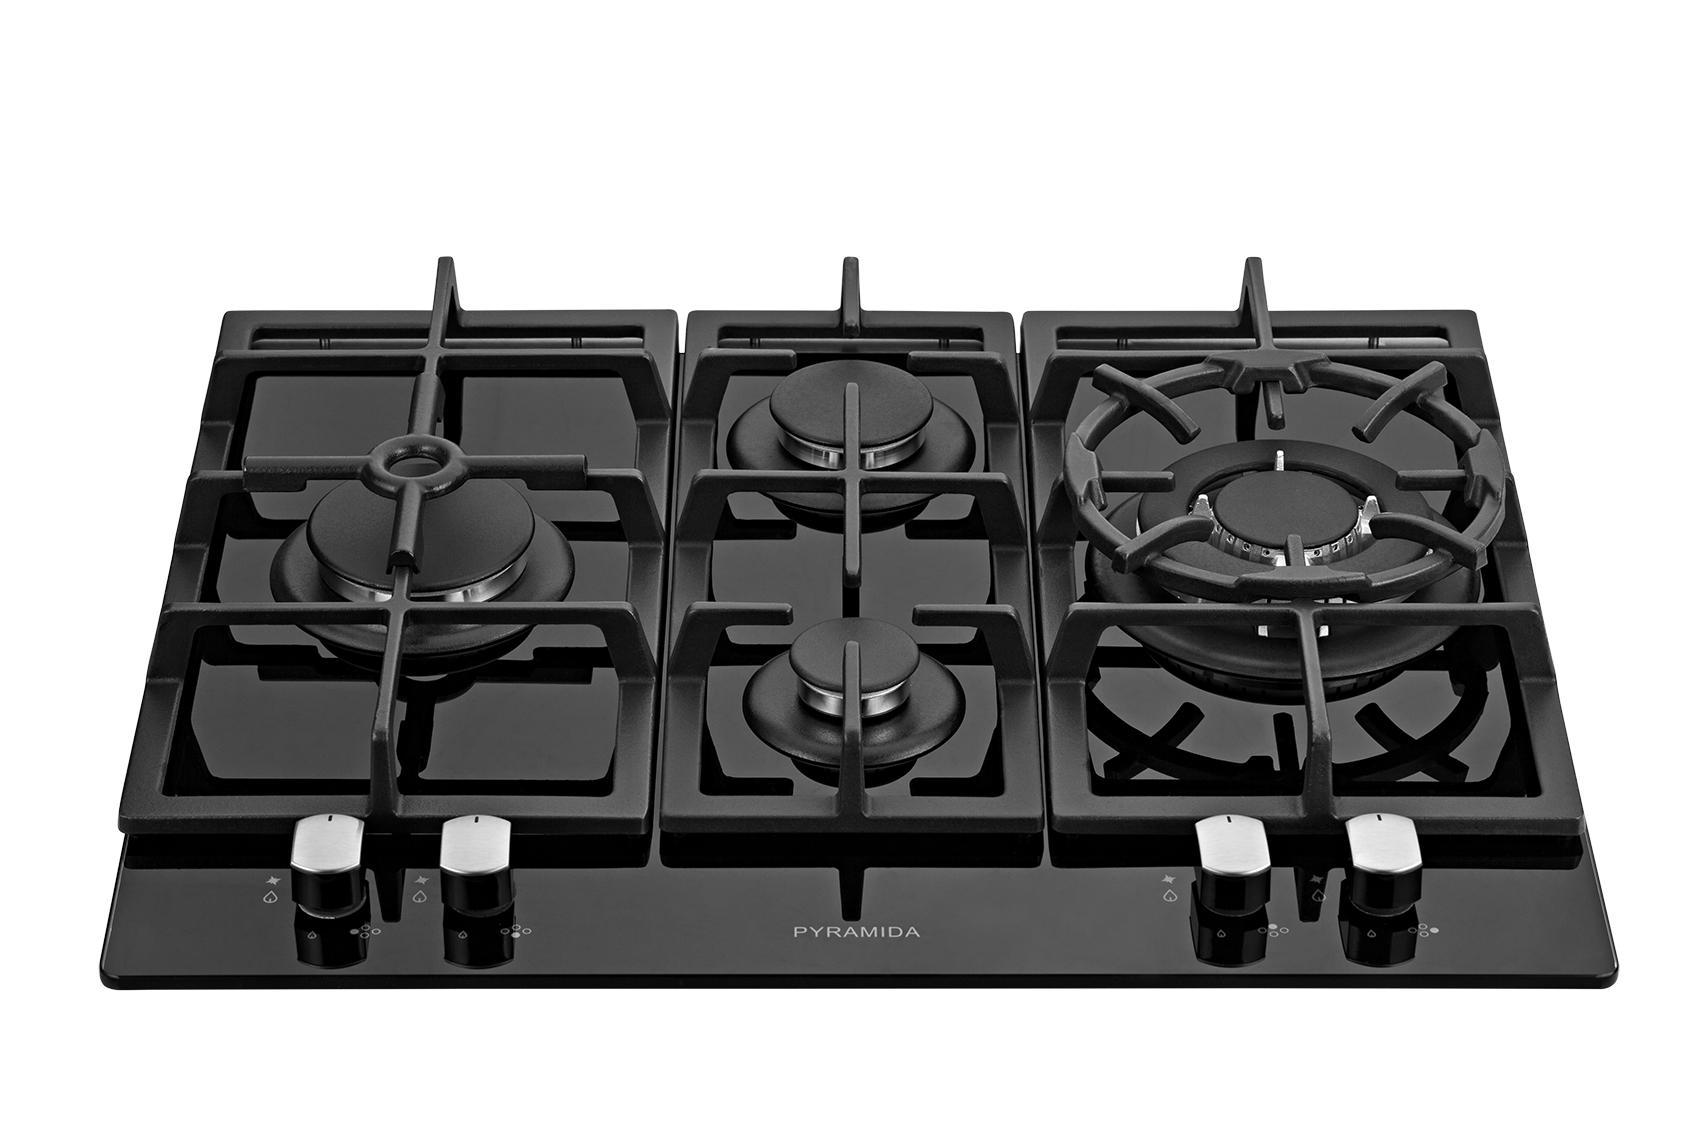 Панель варочная Pyramida Pfg 640 black luxe